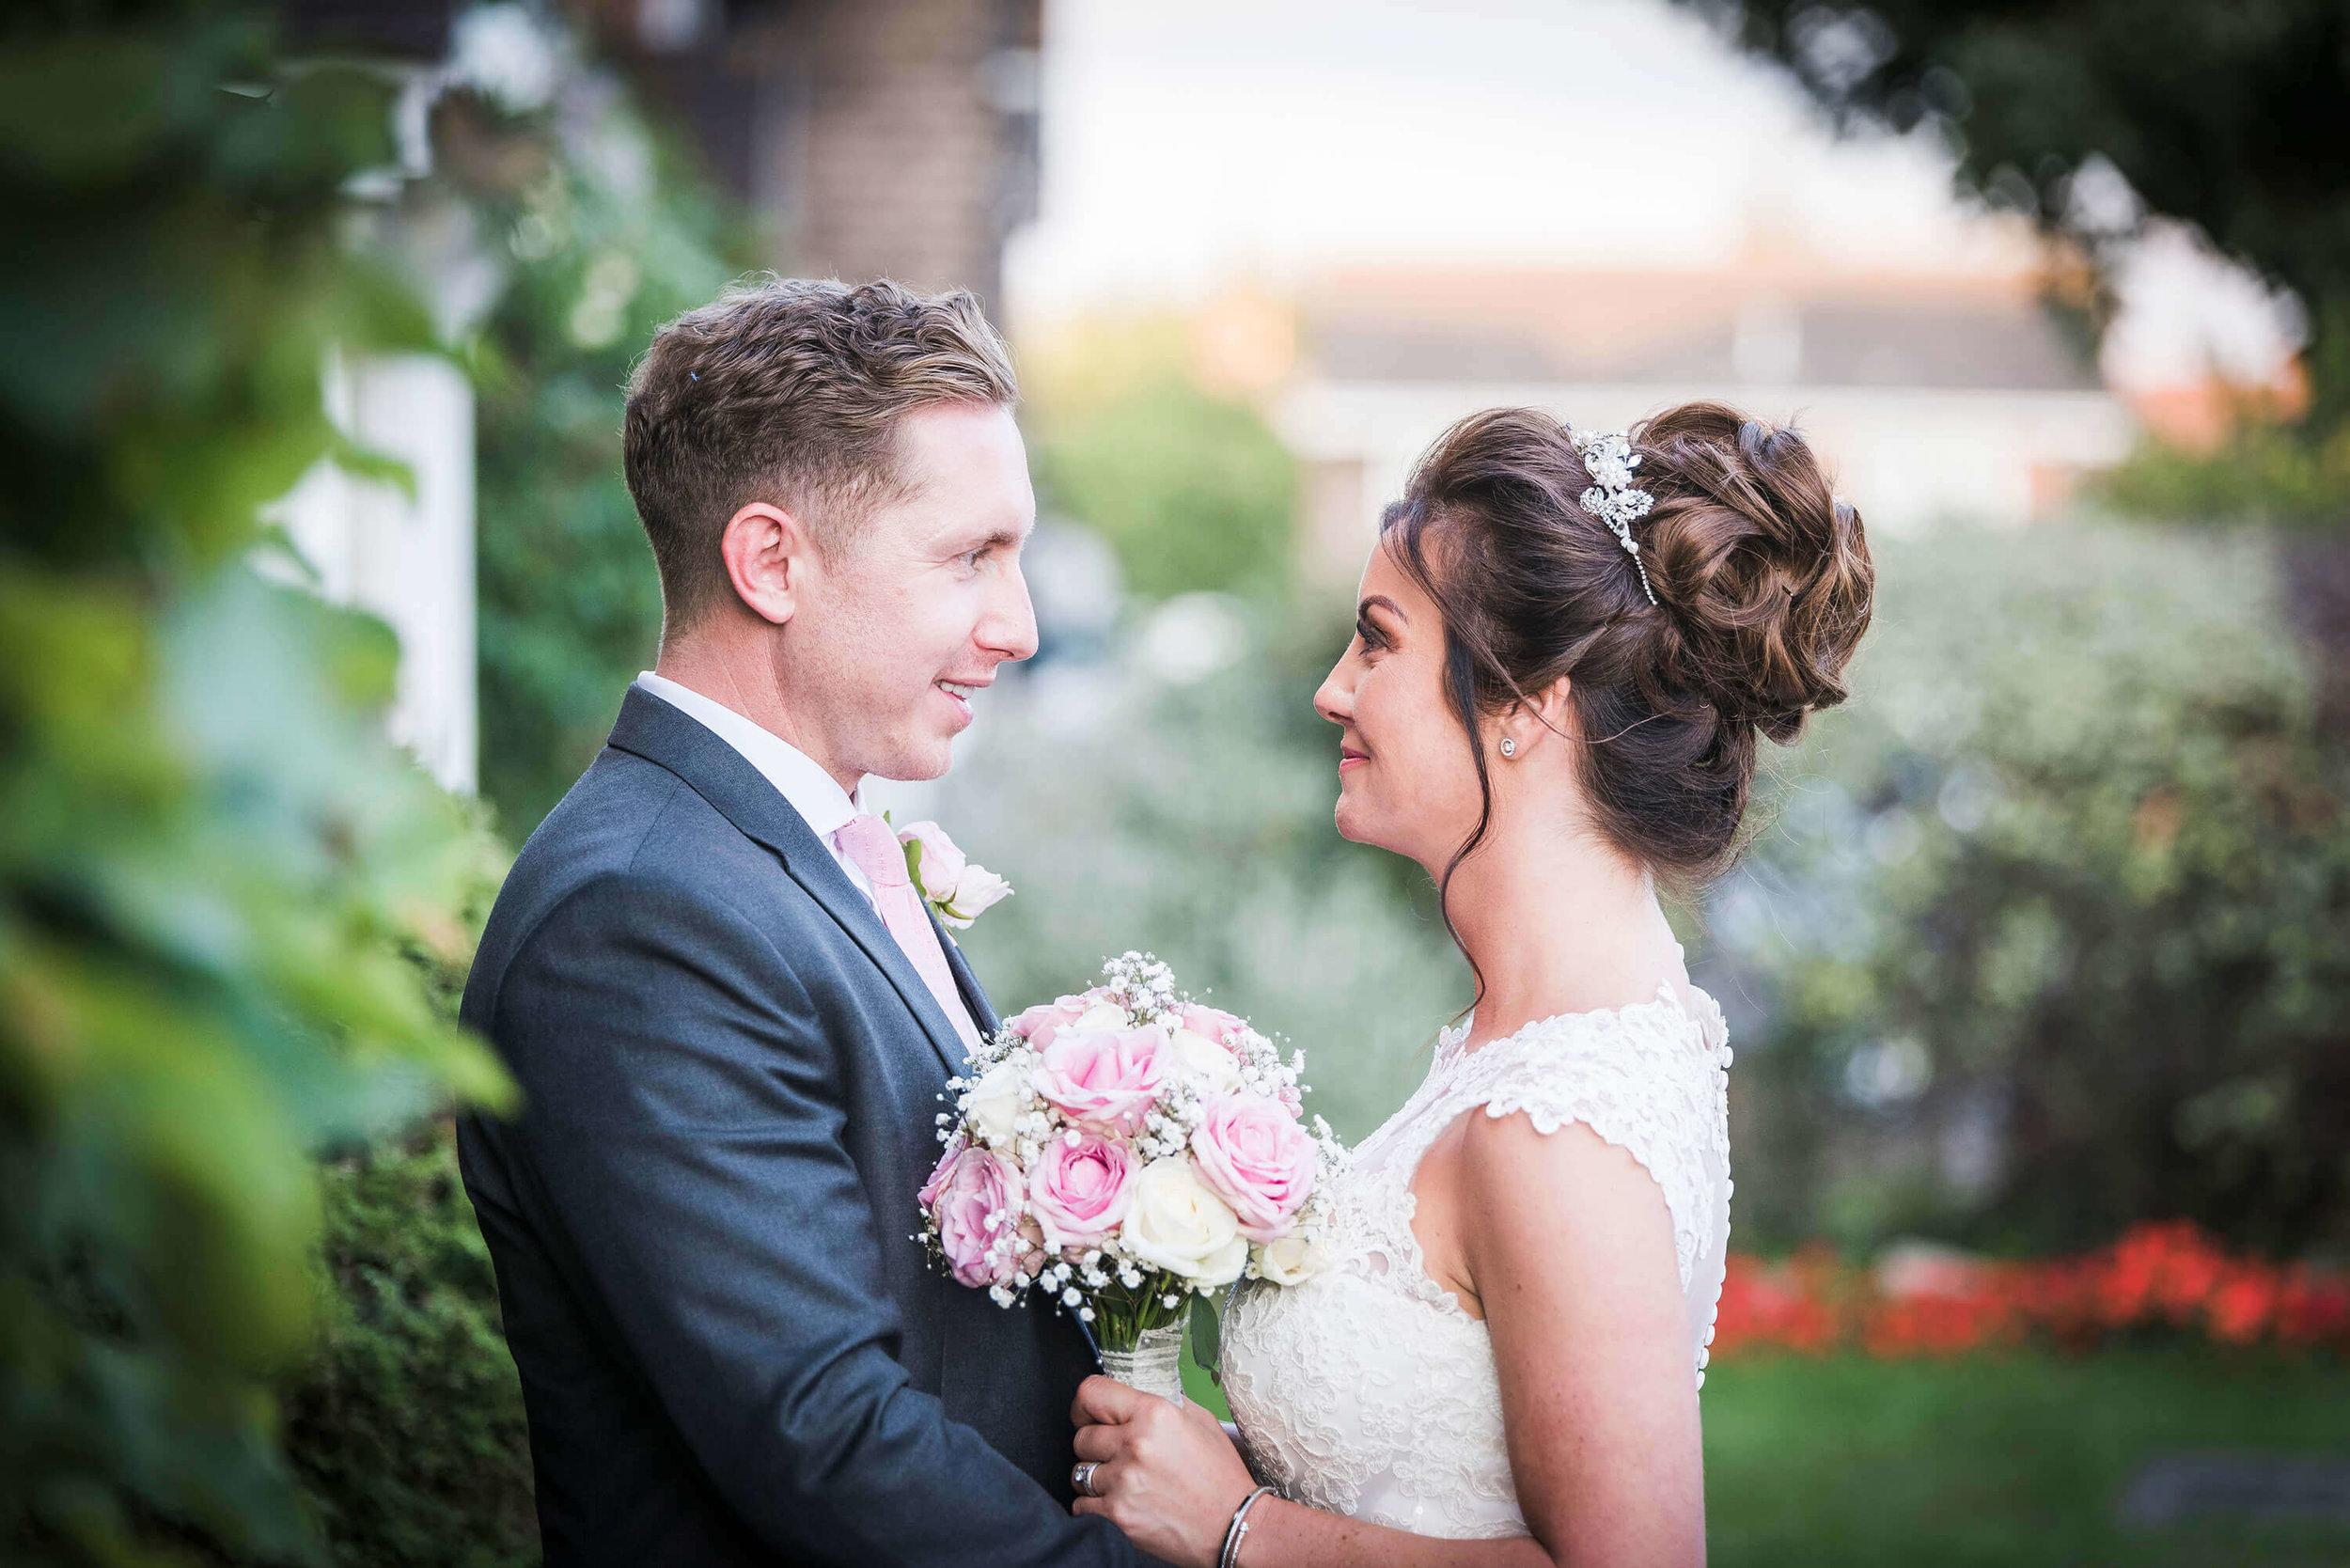 essex-marquee-wedding-bride-and-groom.jpg